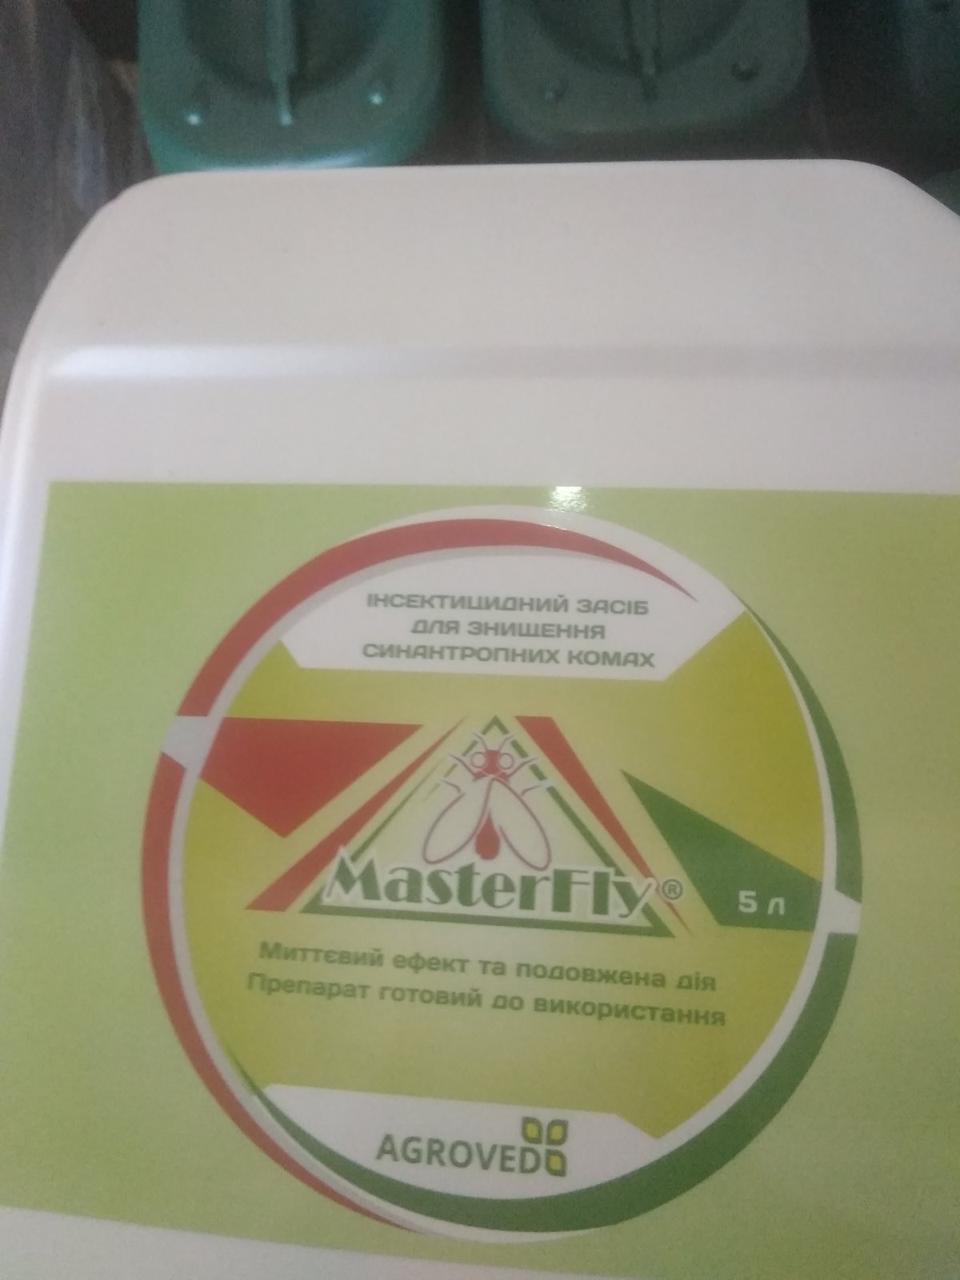 МастерФлай Гель (MasterFly Gel), инсектицид от мух, 5 л